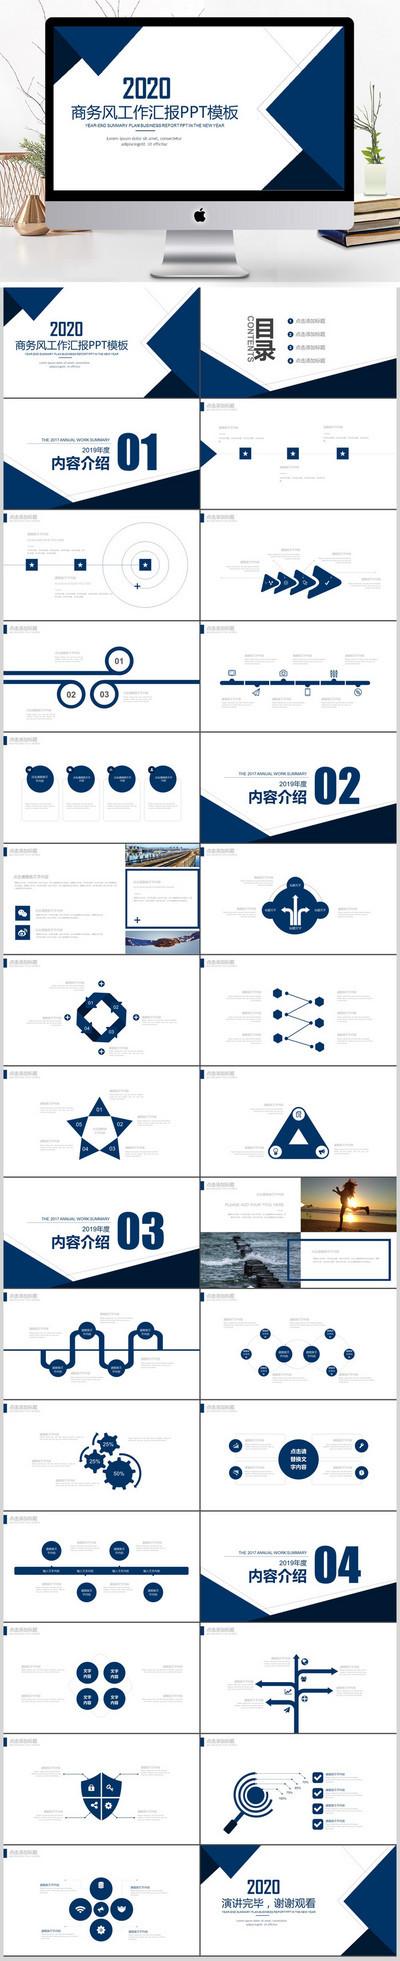 2019深藍色歐美工作匯報PPT模板